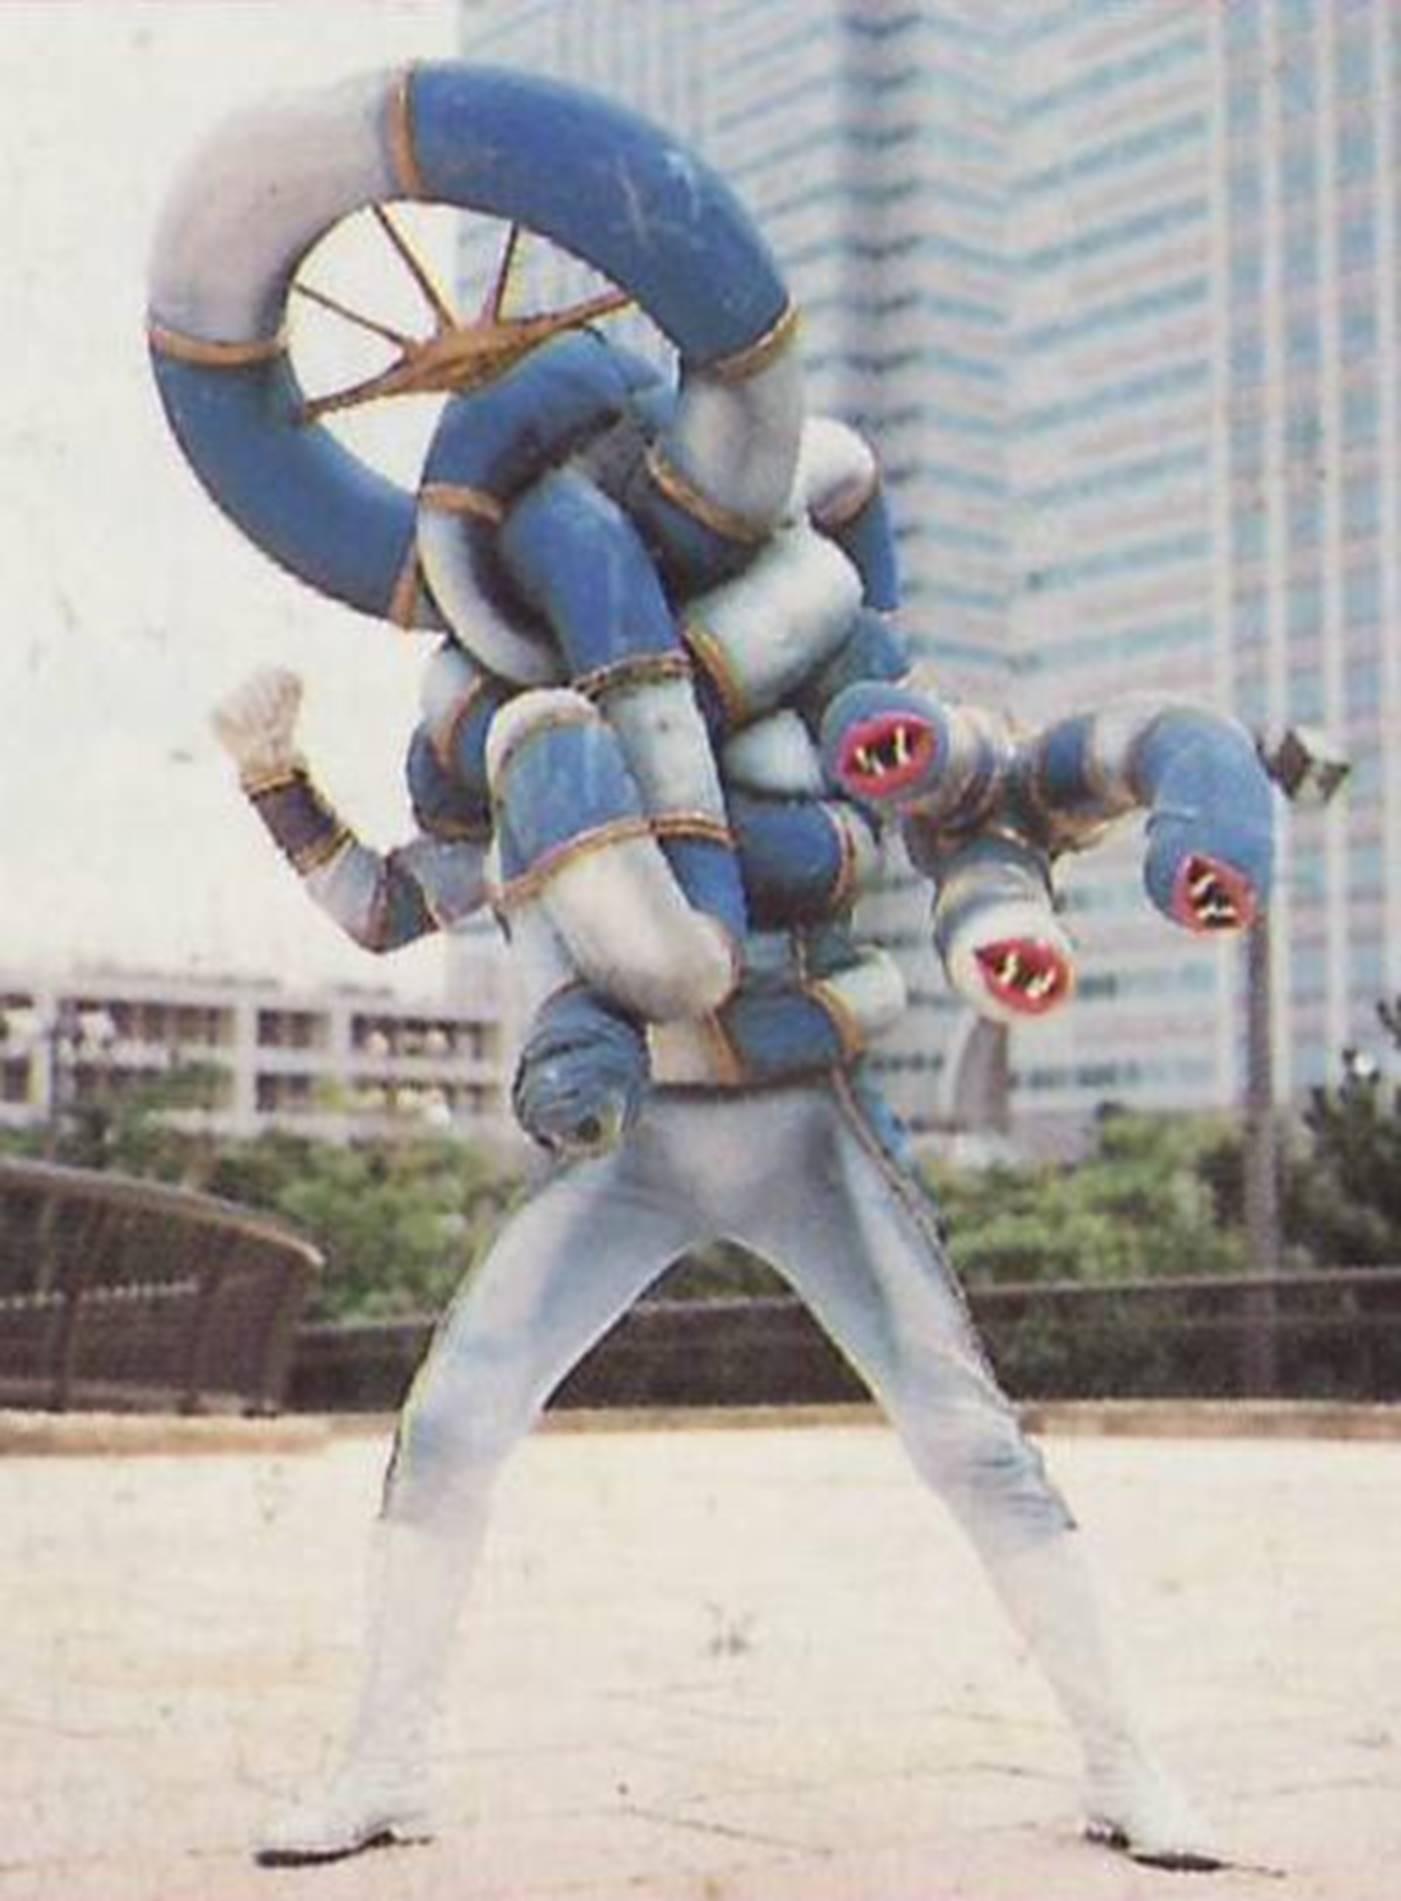 """Résultat de recherche d'images pour """"power rangers monster"""""""